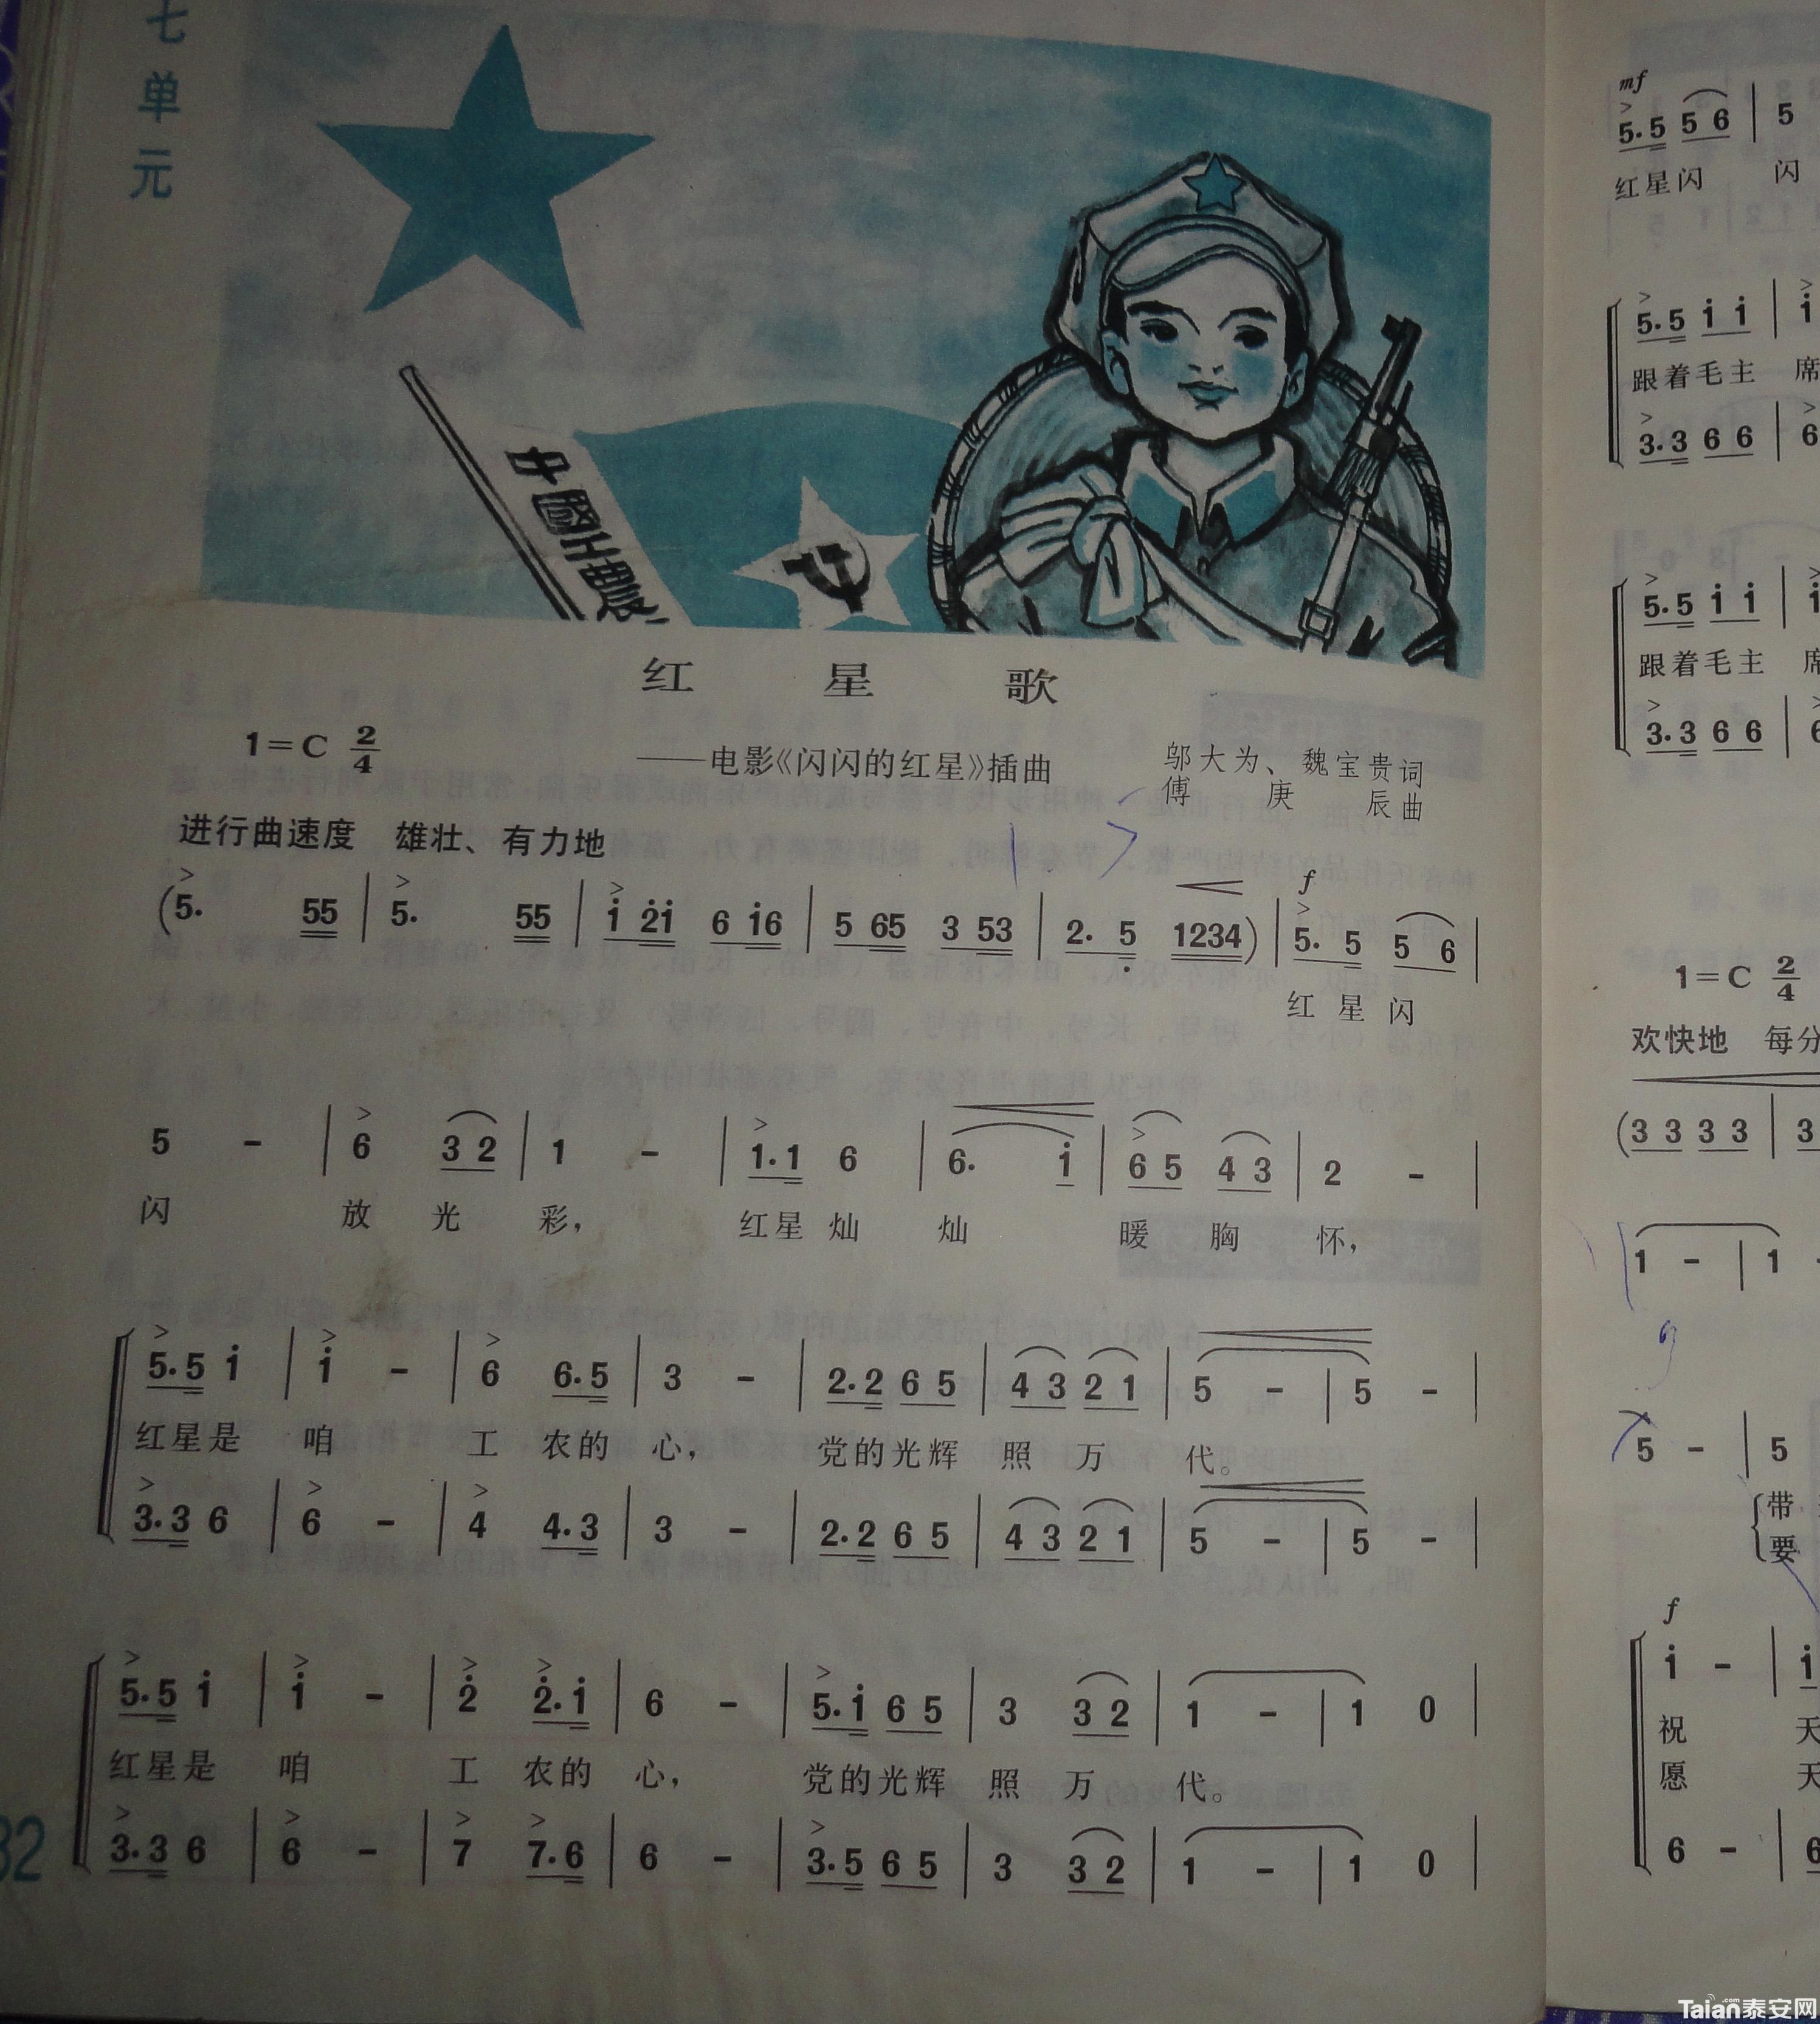 初中音乐教案:沿海版初一音乐《可爱的家》优秀教案模板